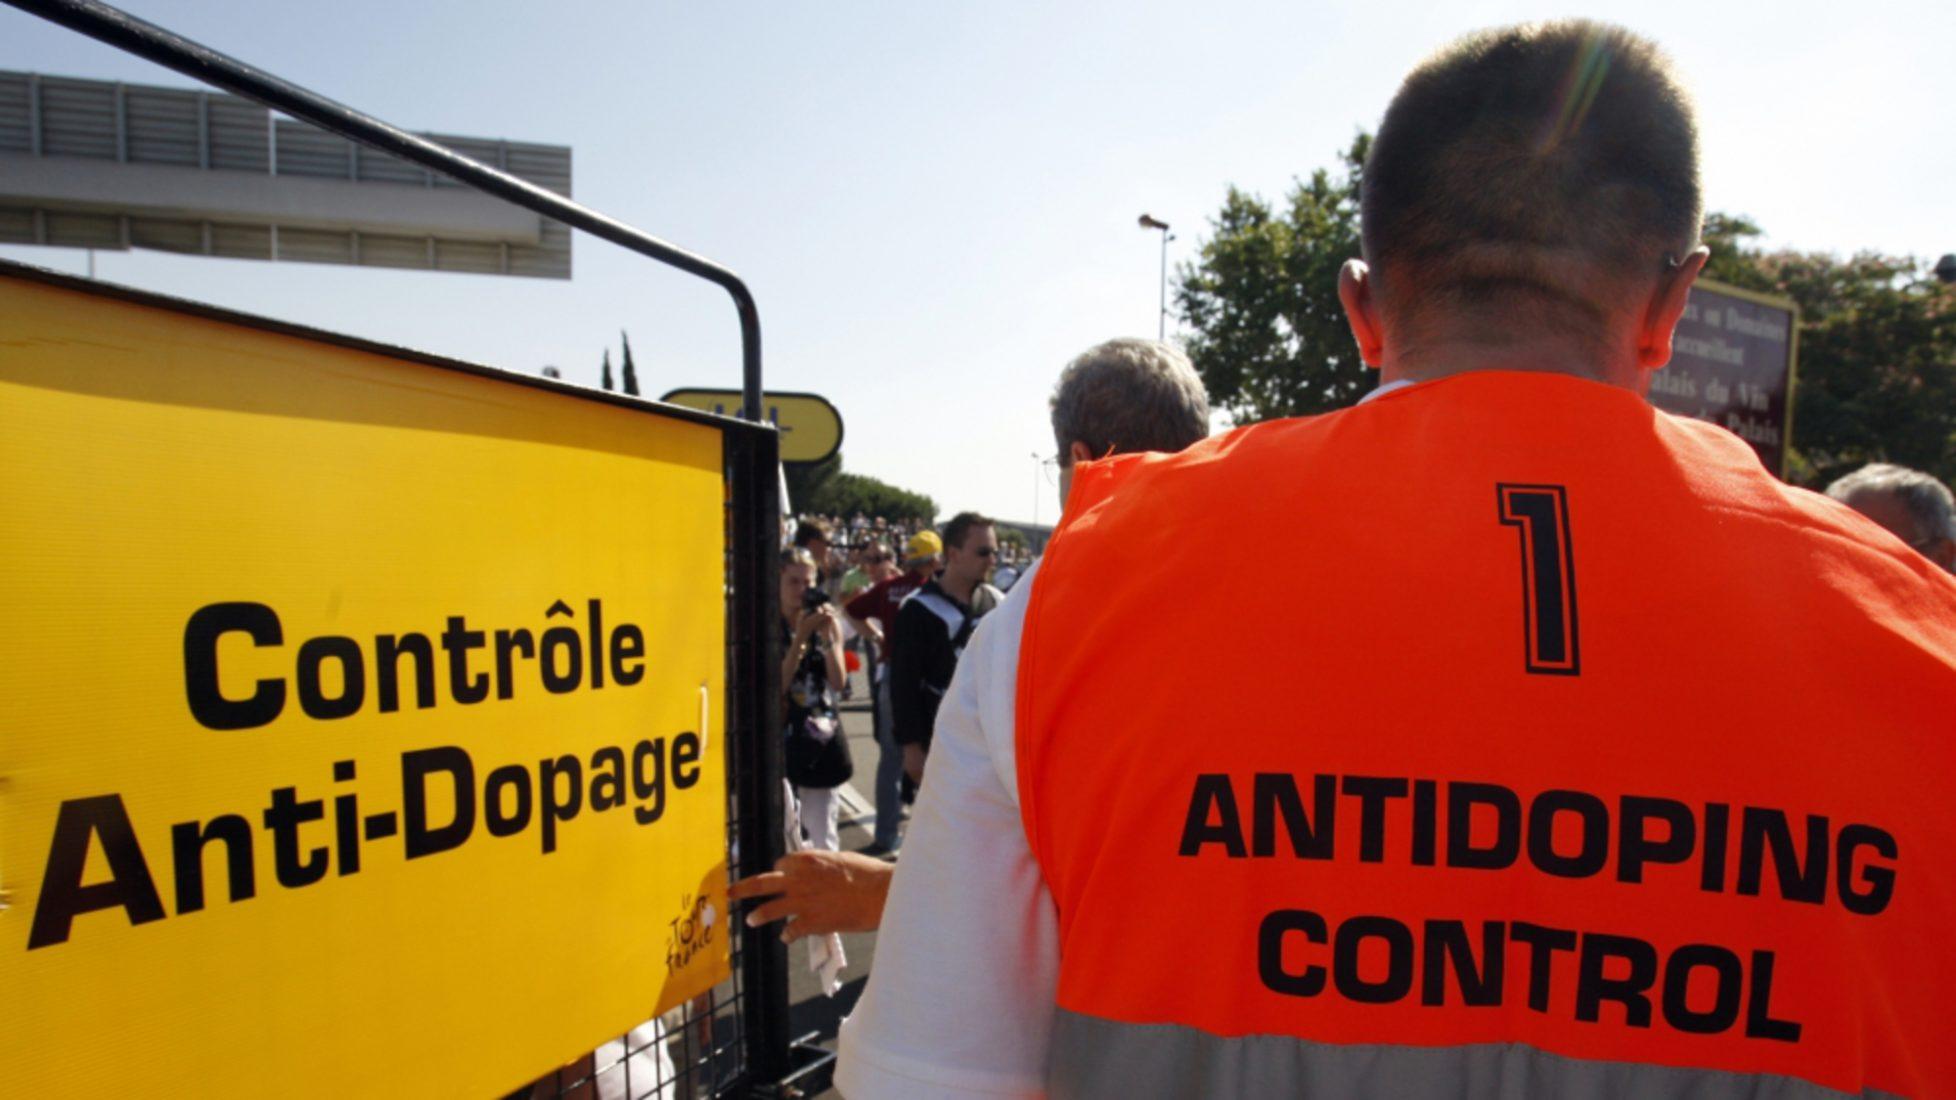 Come funzionano i controlli antidoping?